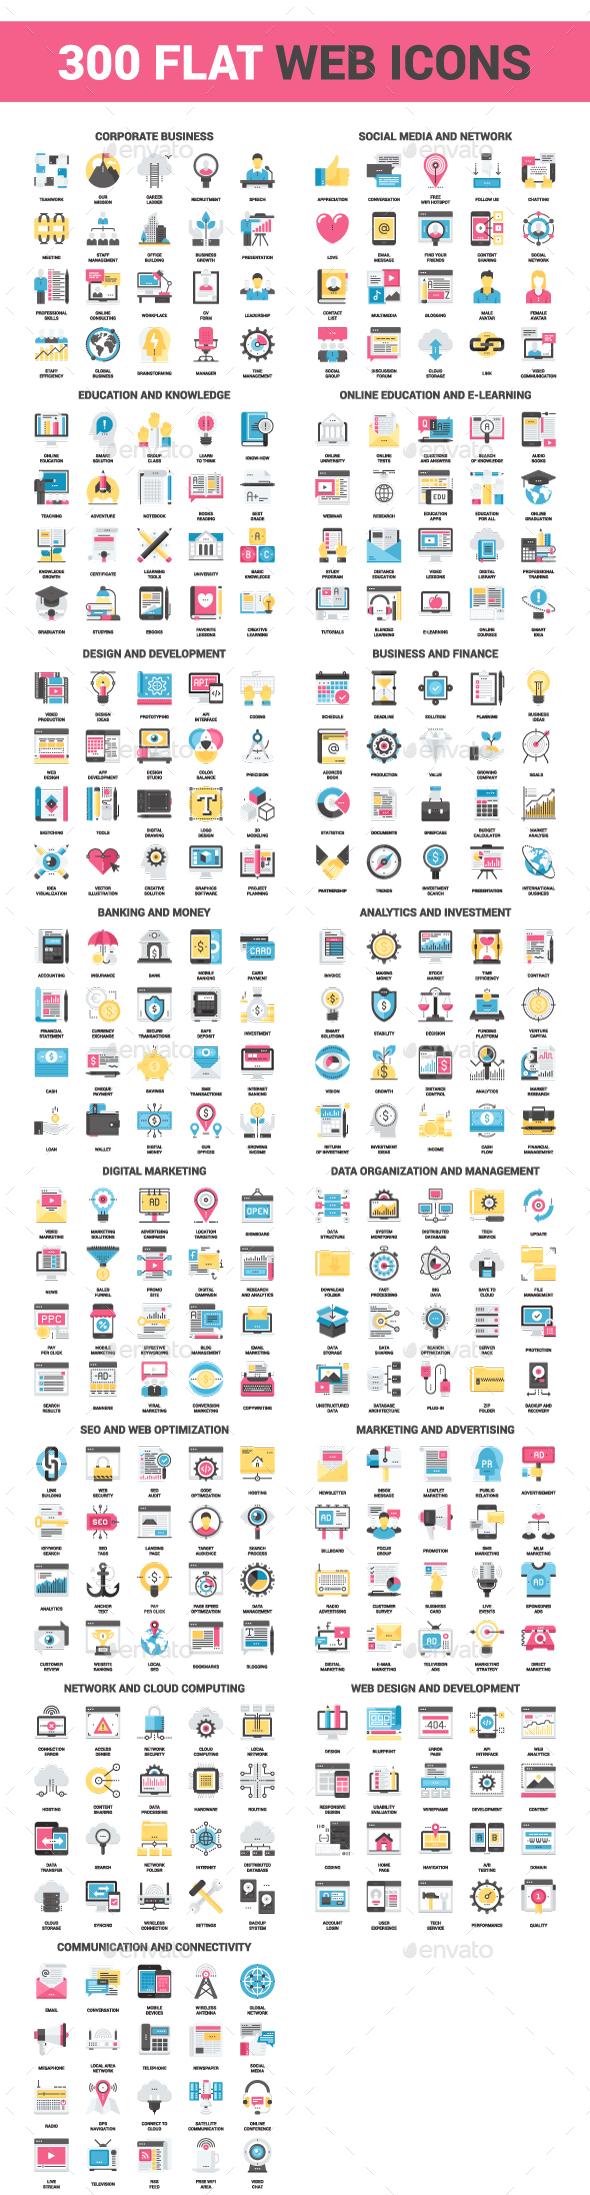 300 Flat Web Icons Bundle - Icons